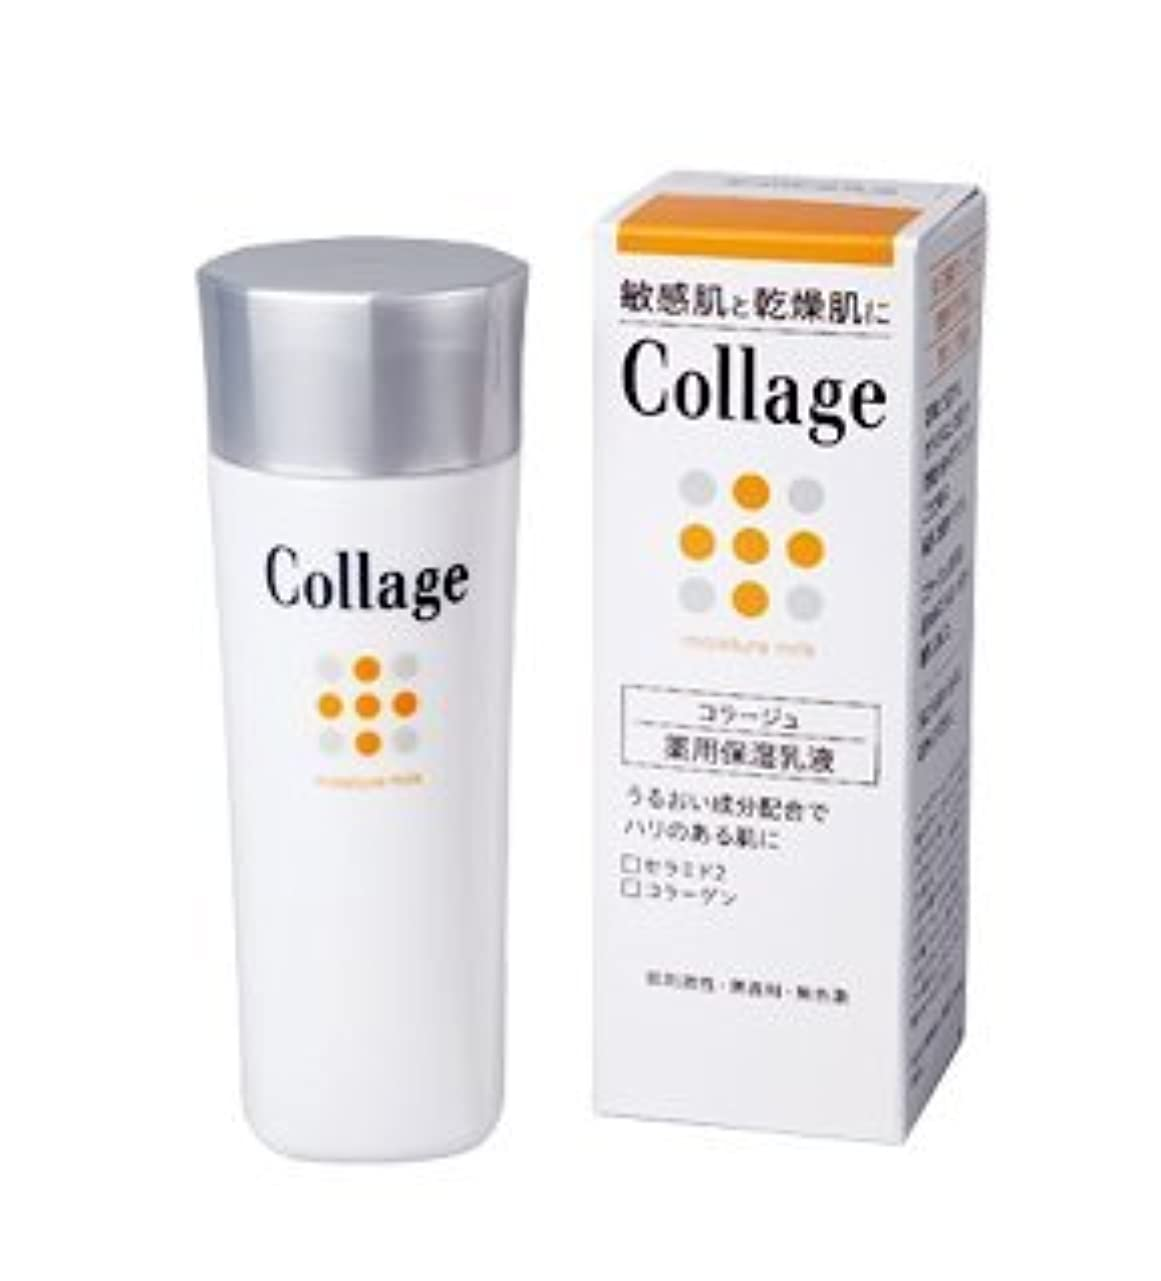 要求する変更可能曲【持田ヘルスケア】 コラージュ薬用保湿乳液 80ml (医薬部外品) ×4個セット